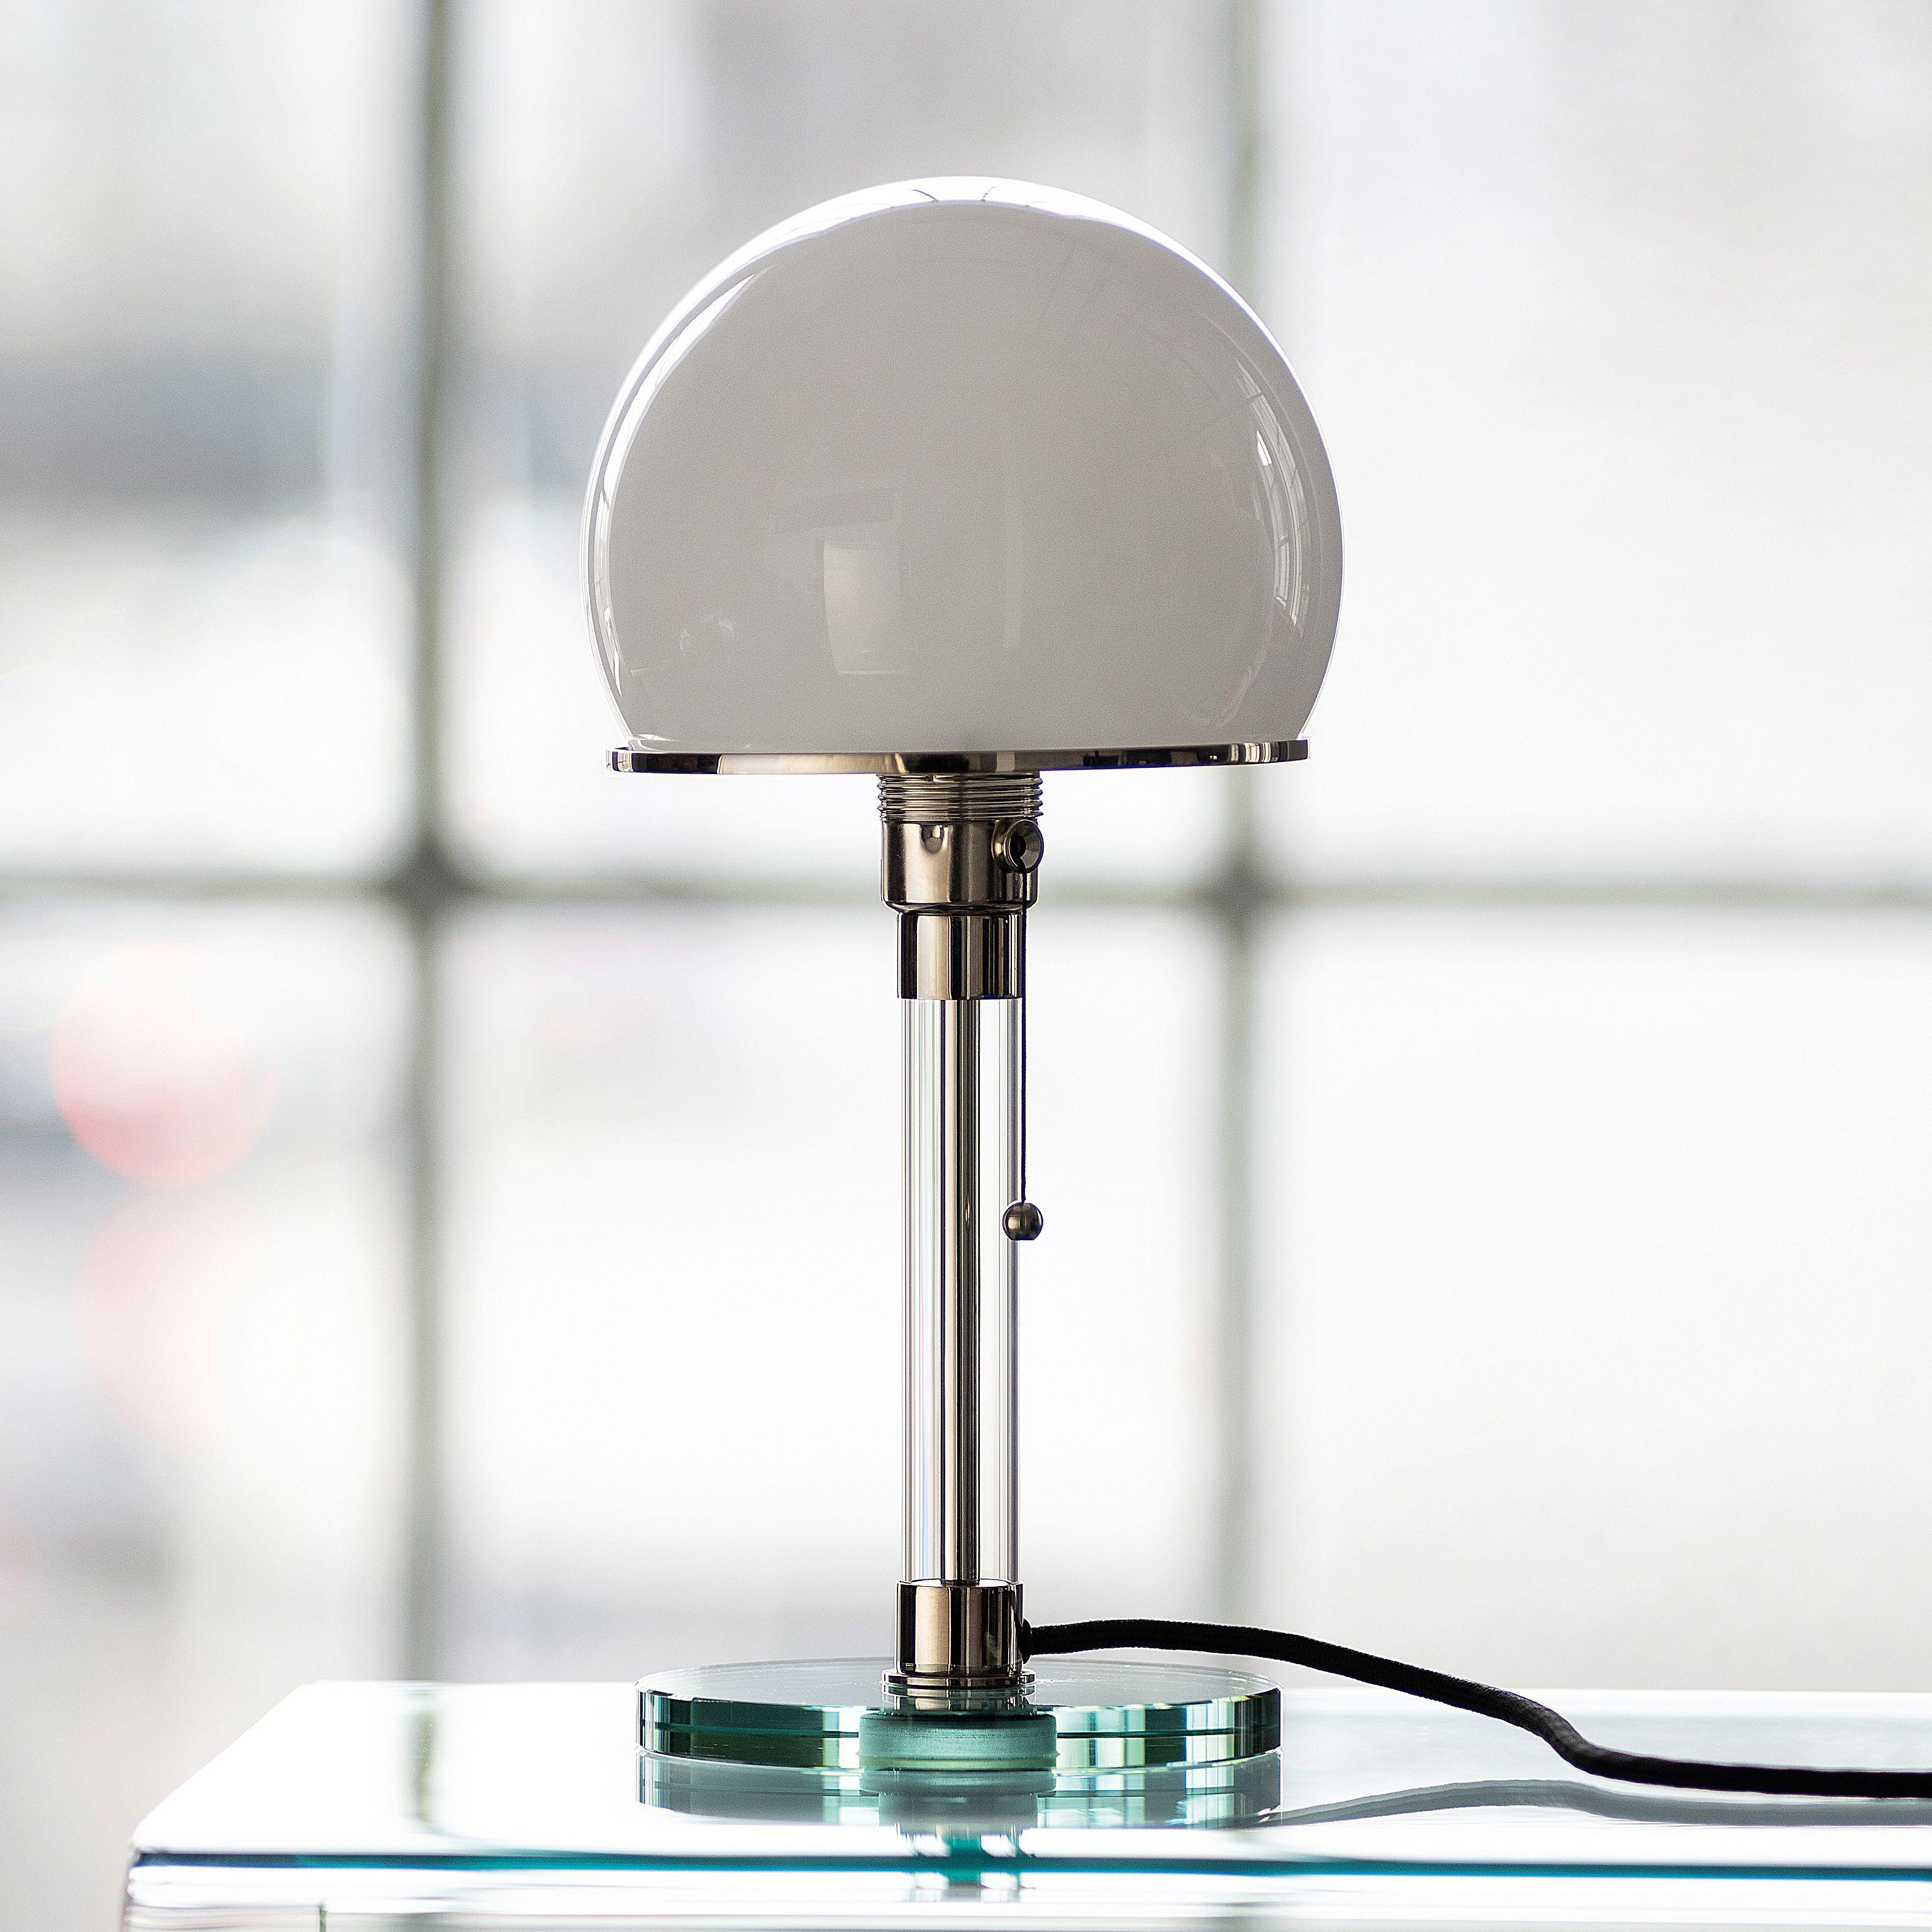 Bauhaus Stehlampe Alte Stehlampe Mit Integr Tisch 50er Jahre Aus